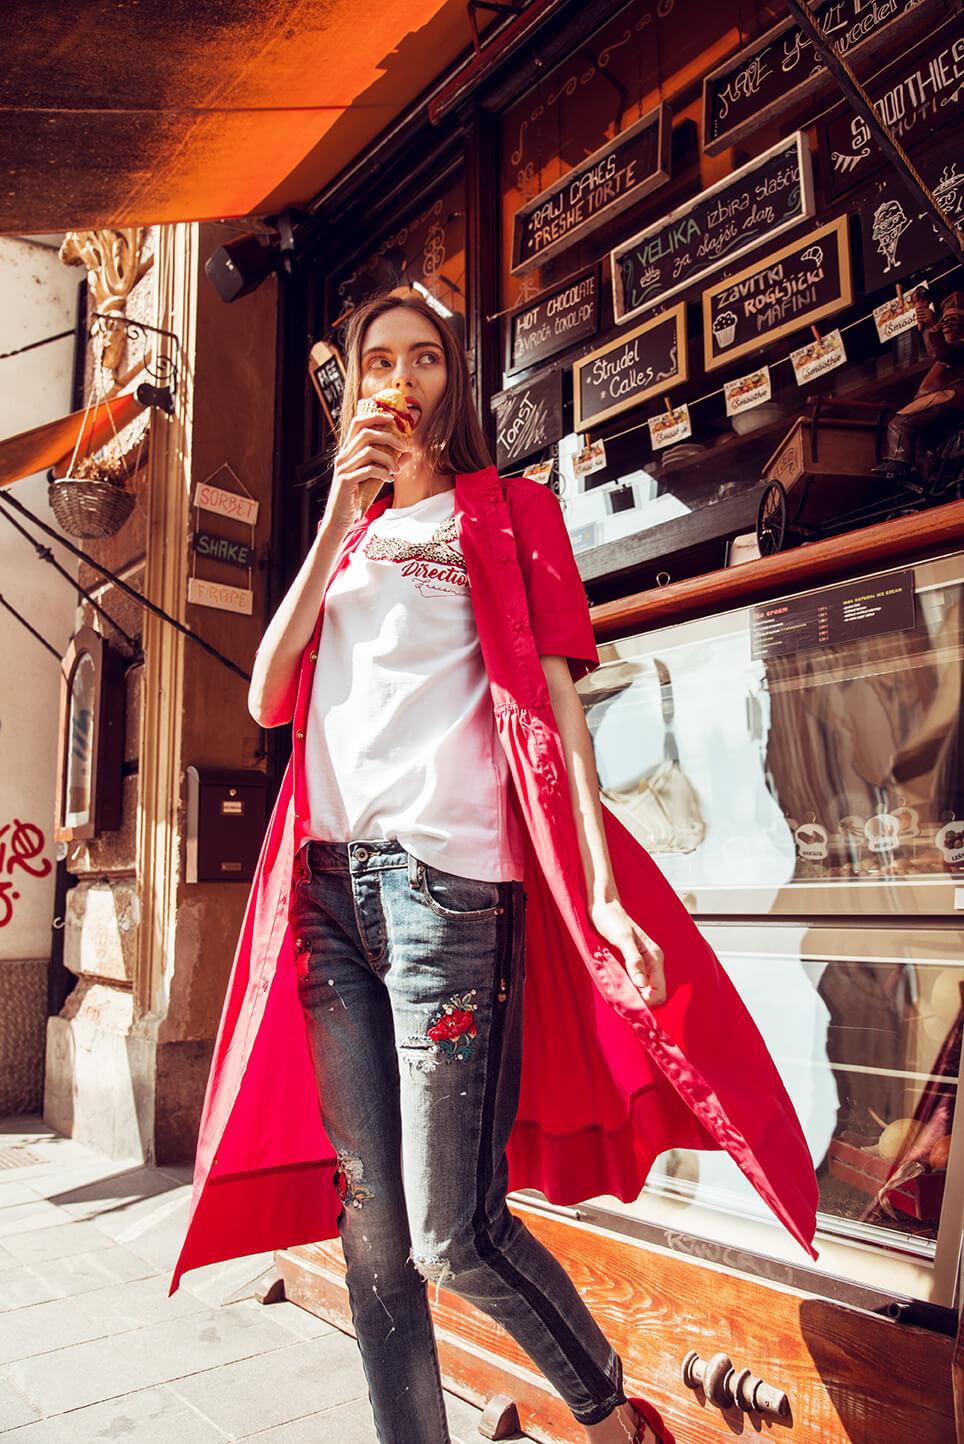 Obleka Fracomina 159,00 €, Majica Fracomina 79,00 €,  Jeans Fracomina 159,00 €